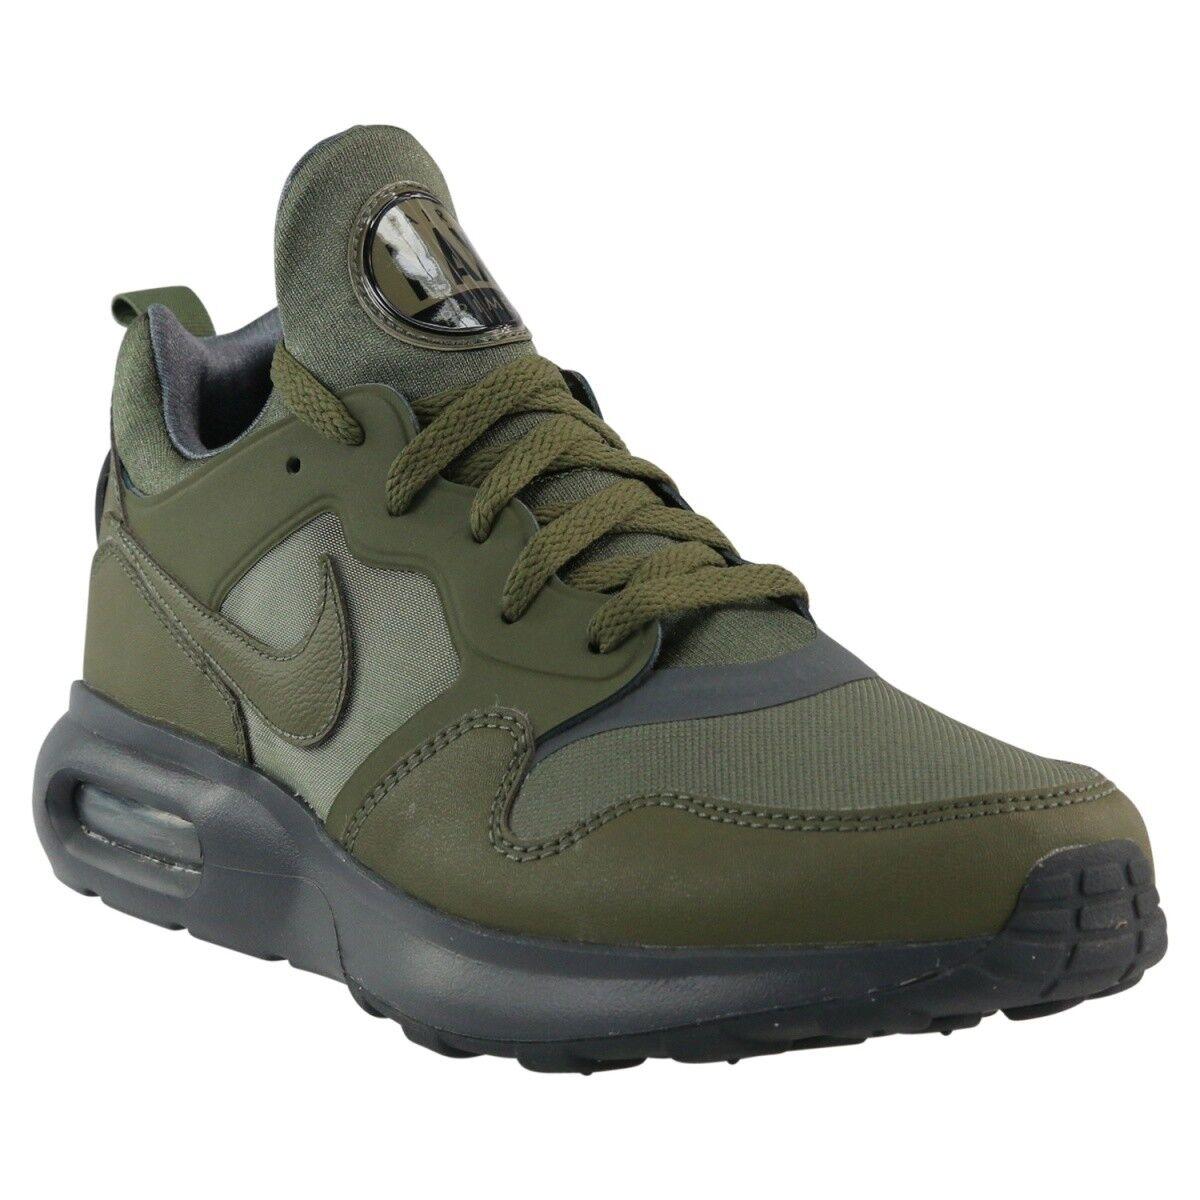 Premio nike air max, allenatore di ginnastica uomini scarpe olive olive scarpe 876068-200 9,5 nuove dimensioni 17a7b4